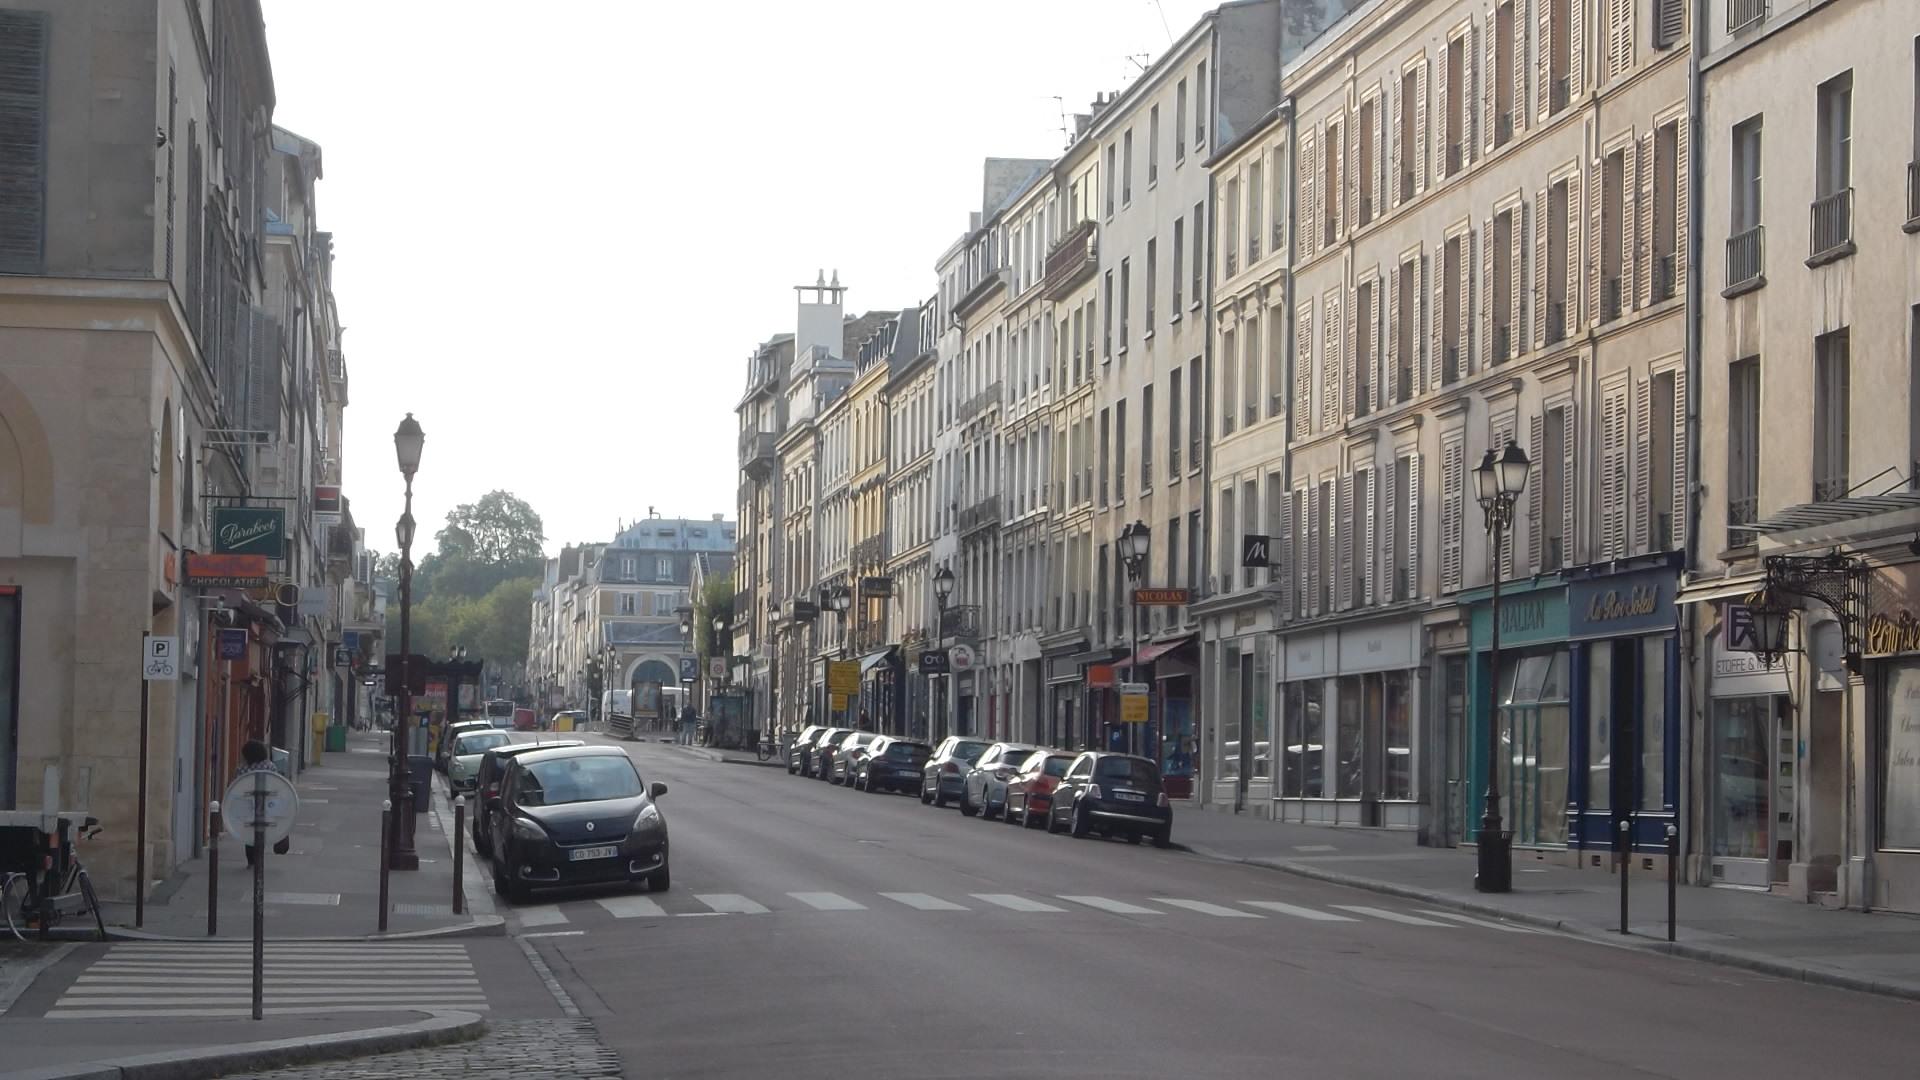 Versailles-rue-de-la-paroisses-to-market-nd-aug12